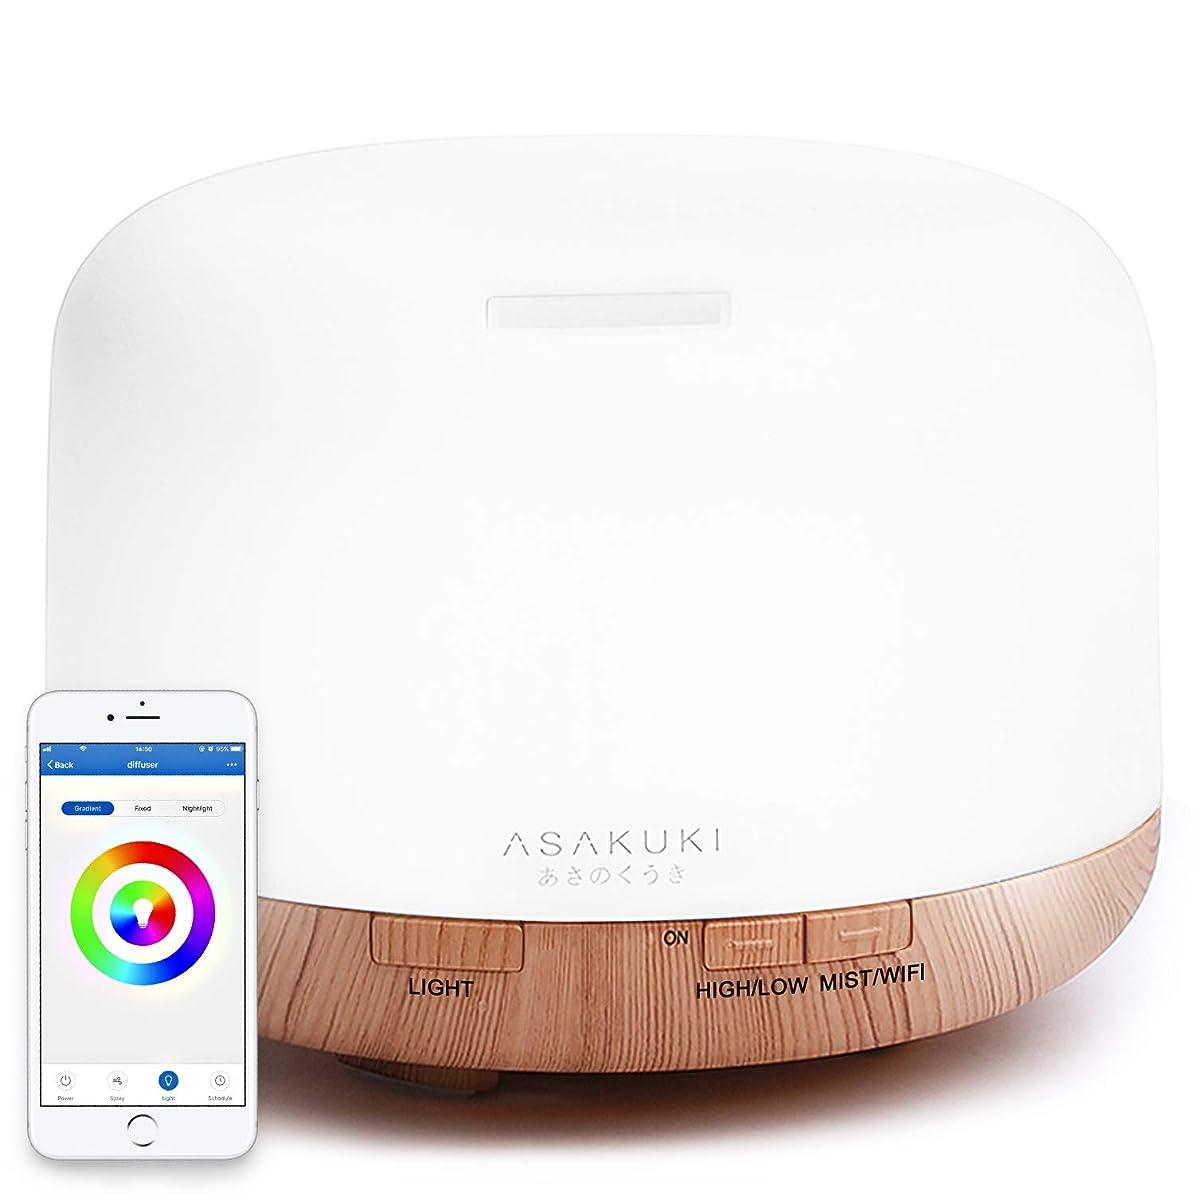 輸送作家思い出させるASAKUKI ベッドルーム、オフィス、より良い睡眠&呼吸 雰囲気を緩和するアレクサ2019アップグレード設計500ミリリットルアロマ加湿器と互換性 あるスマート -エッセンシャルオイルディフューザーアプリ制御 標準 2018アップグレードバージョン